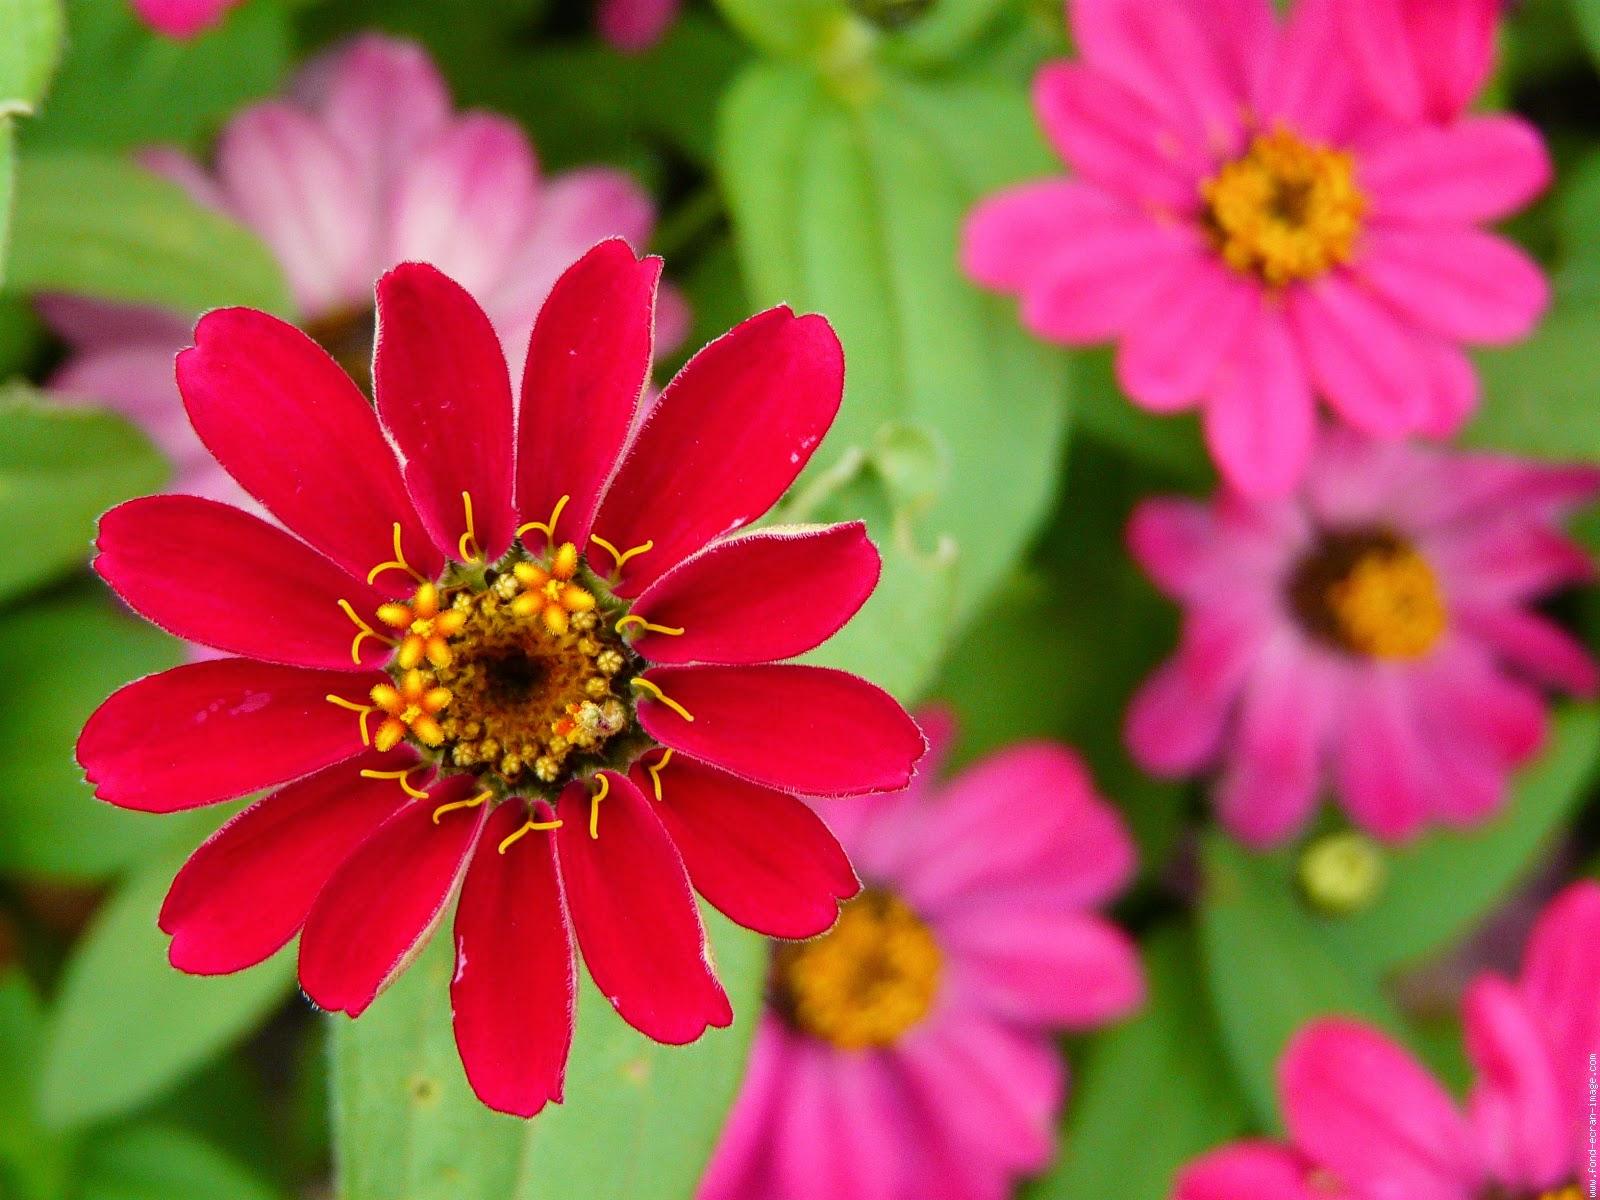 بالصور صور للورود , شاهد جمال الوردة في هذه المجموعة 1306 9